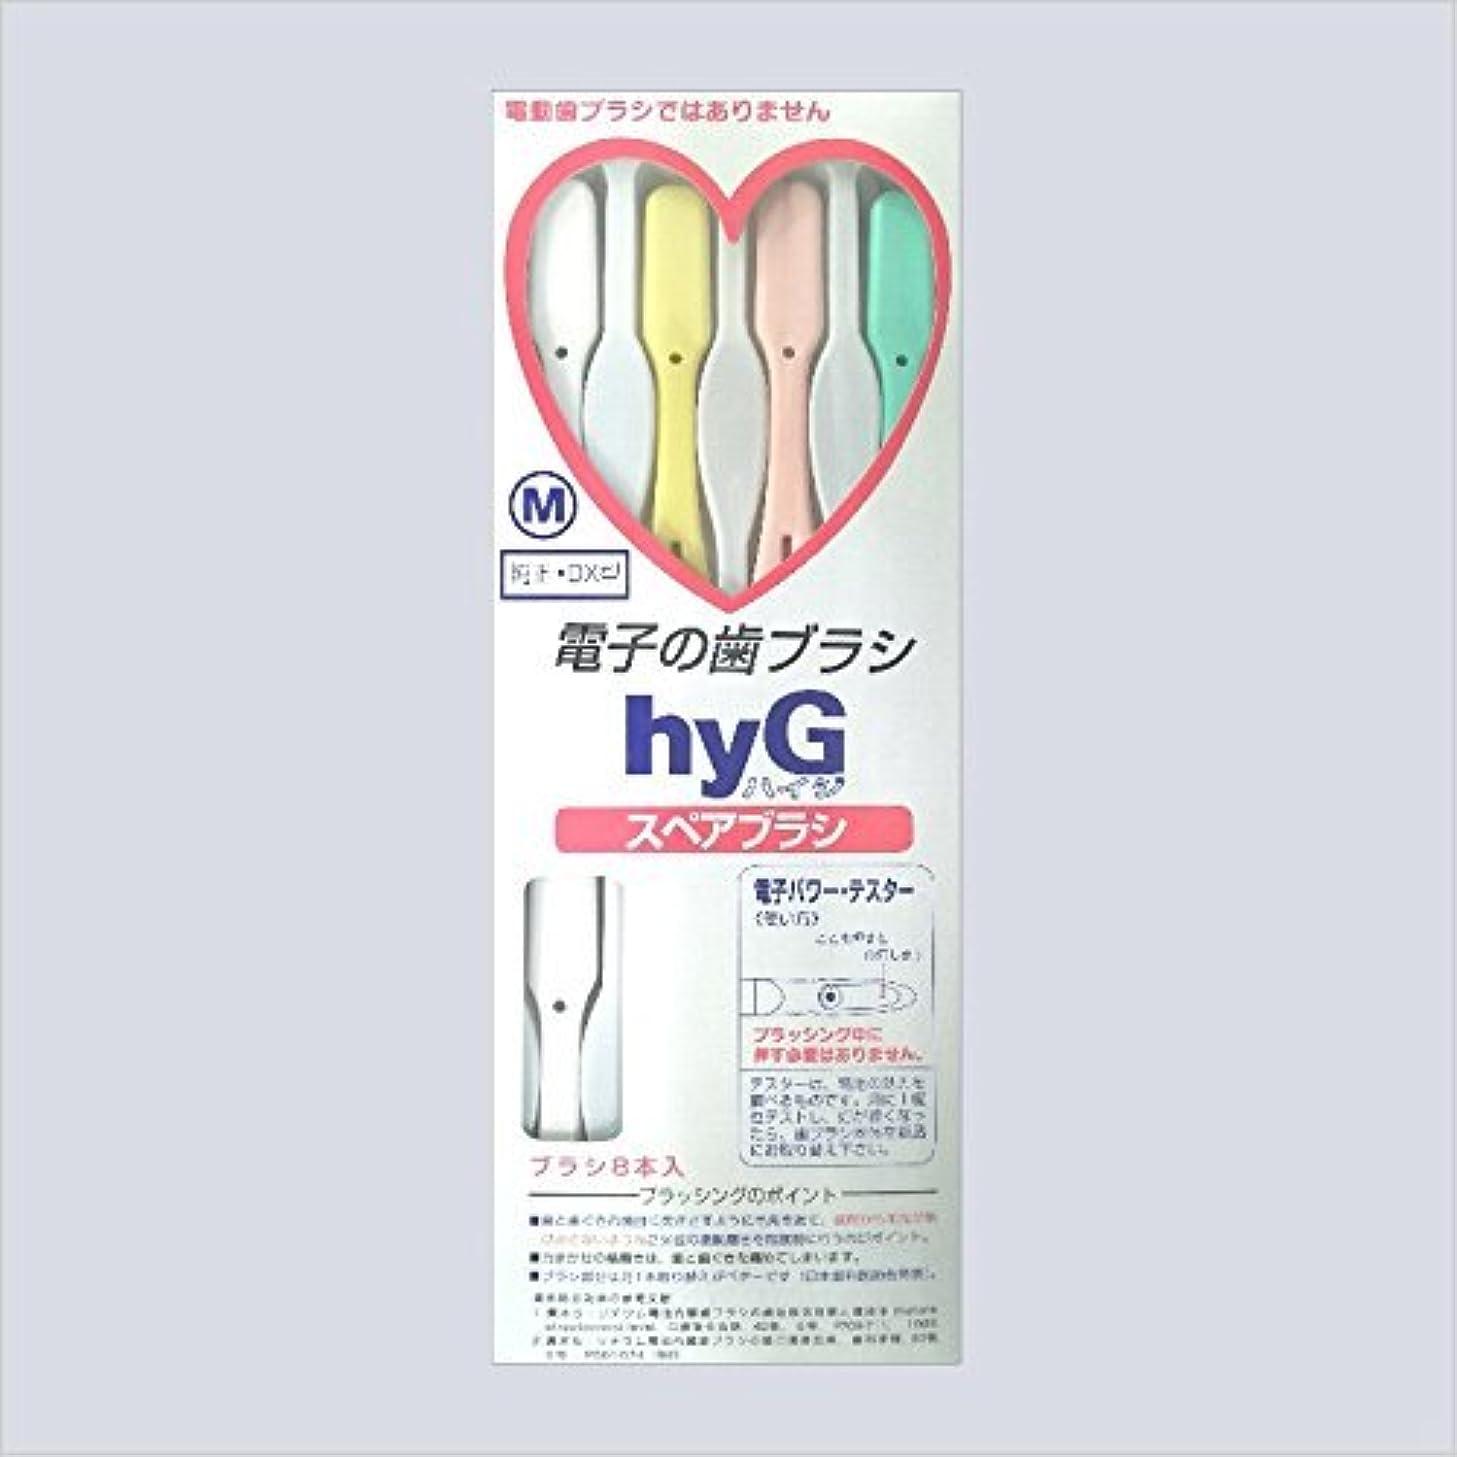 ワーム忌み嫌う花婿電子の歯ブラシ ハイジ(hyG)?スペアブラシ <ブラシの硬さ:Hかため> (※こちらは「スペアブラシ」です )?hyG-DX型